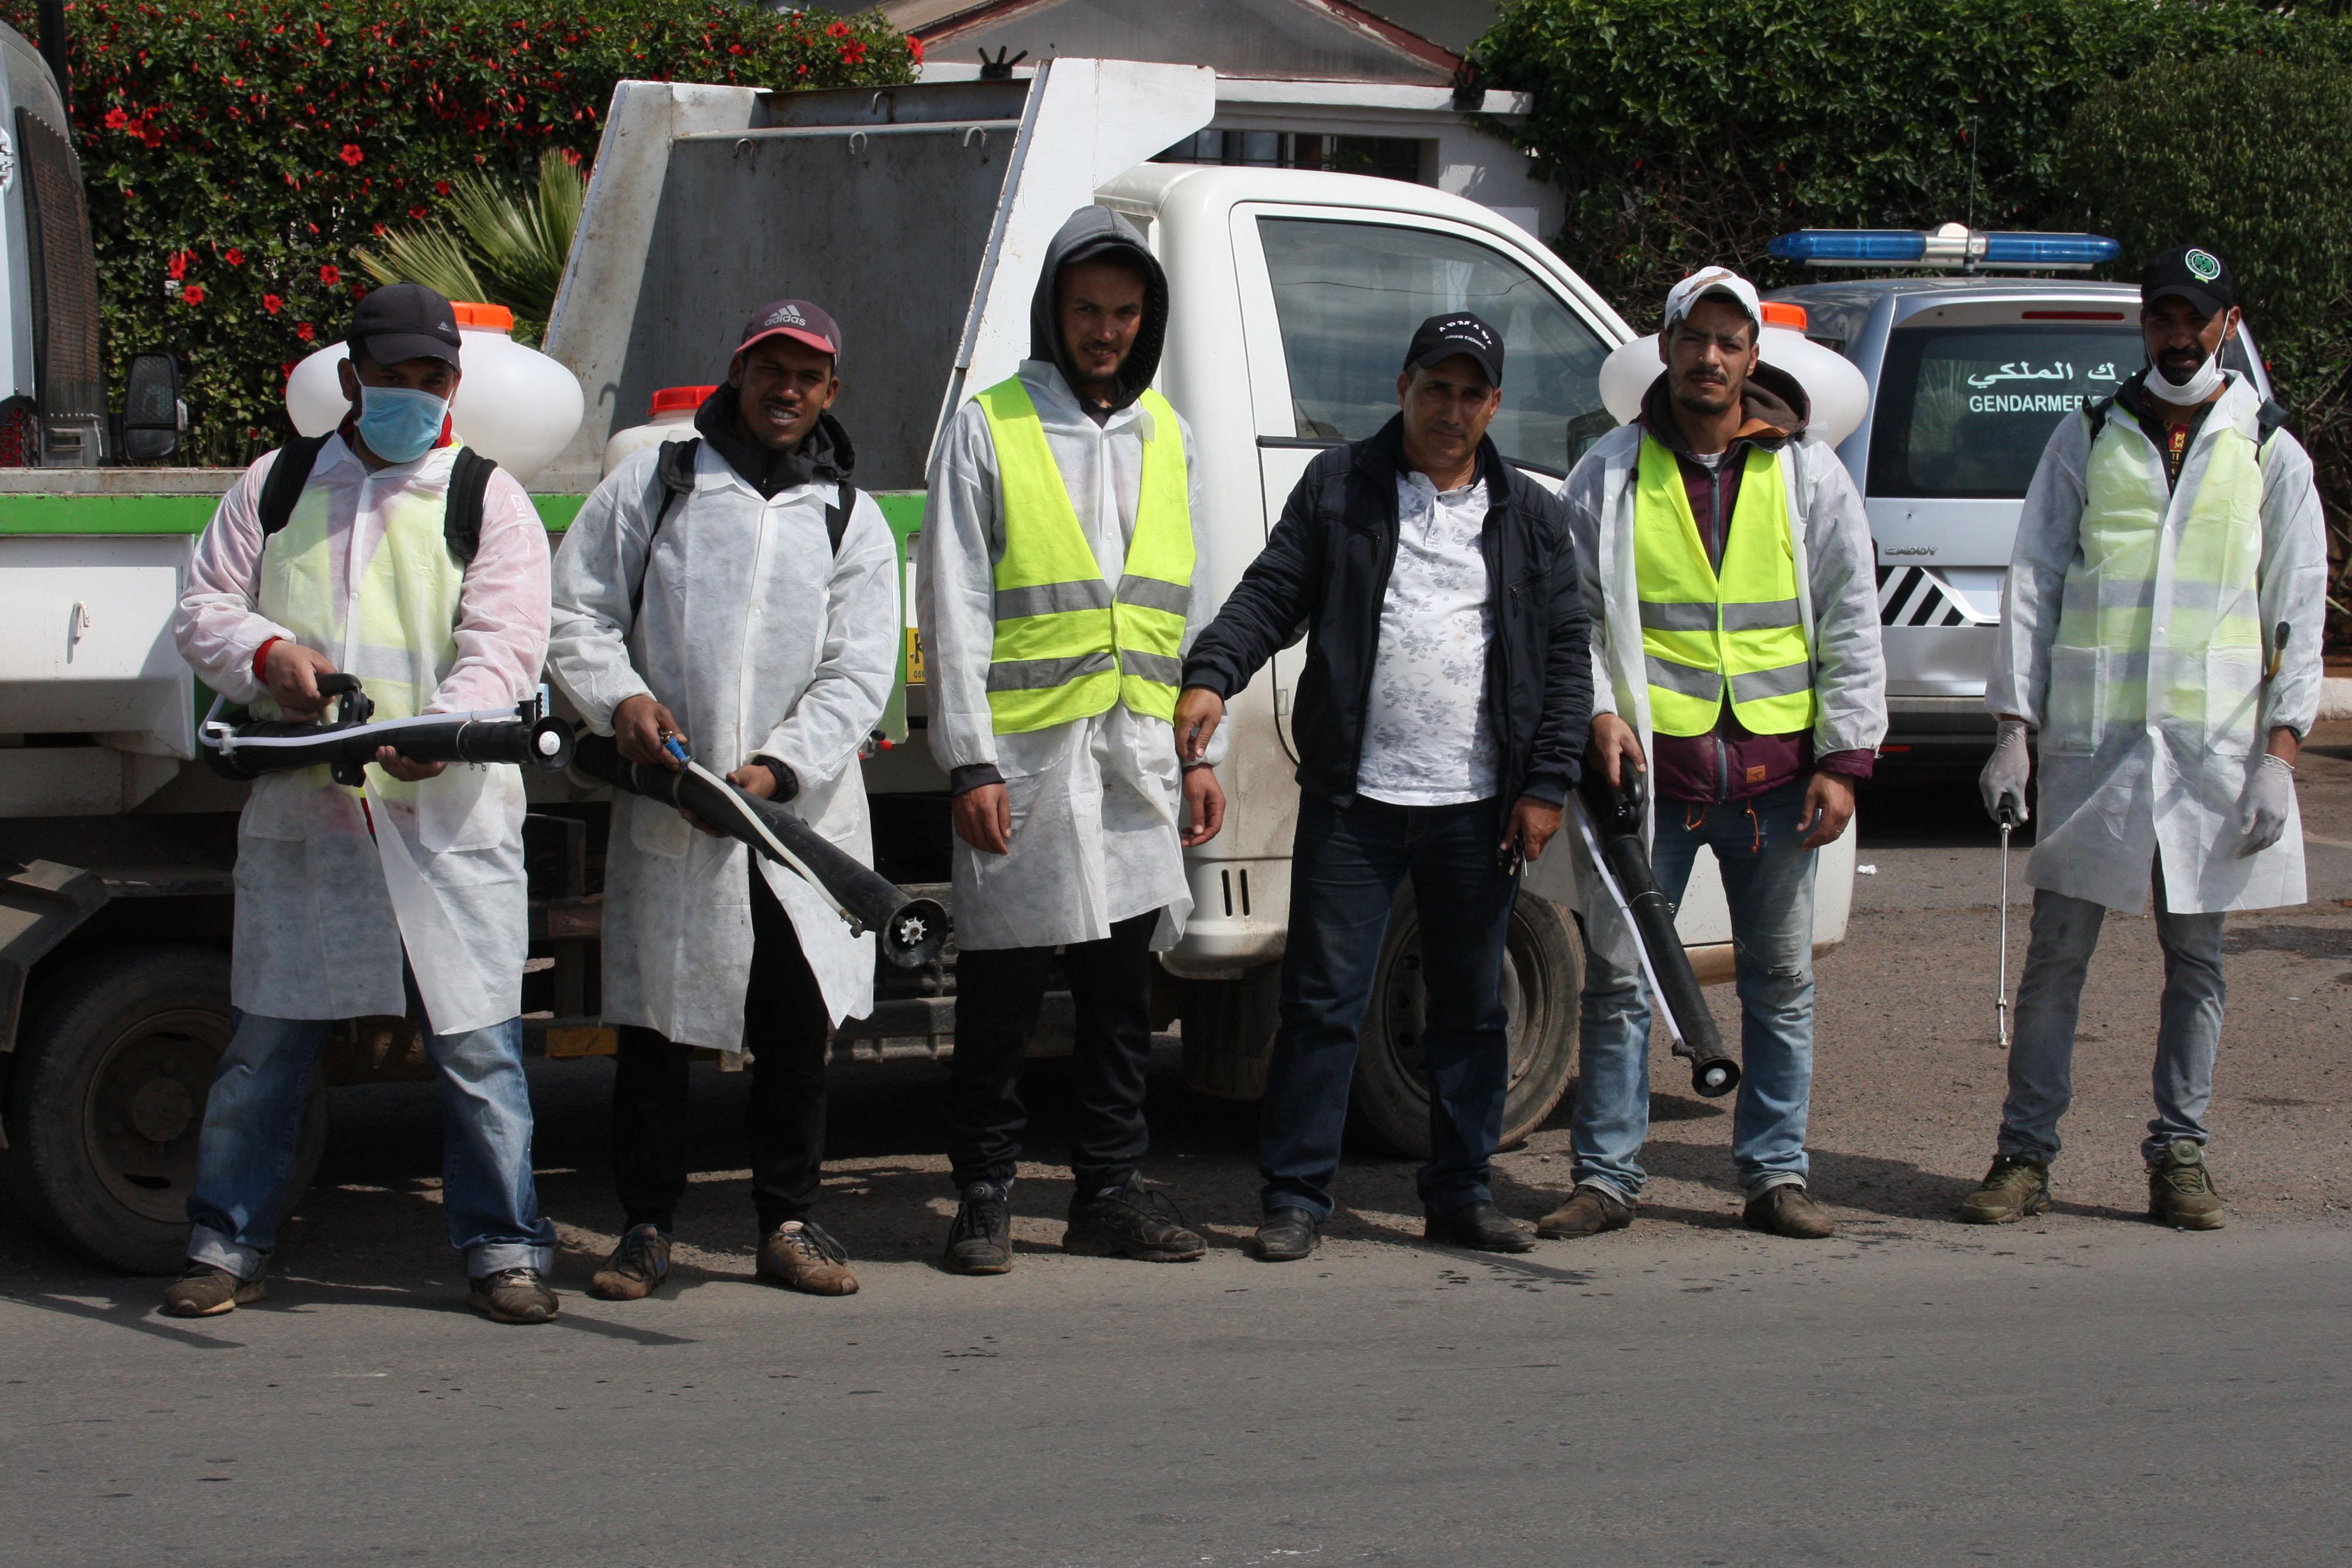 Les agents de voirie, nombreux et chargés de la désinfection des lieux, ont remplacé les mendiants (photo Kamal)